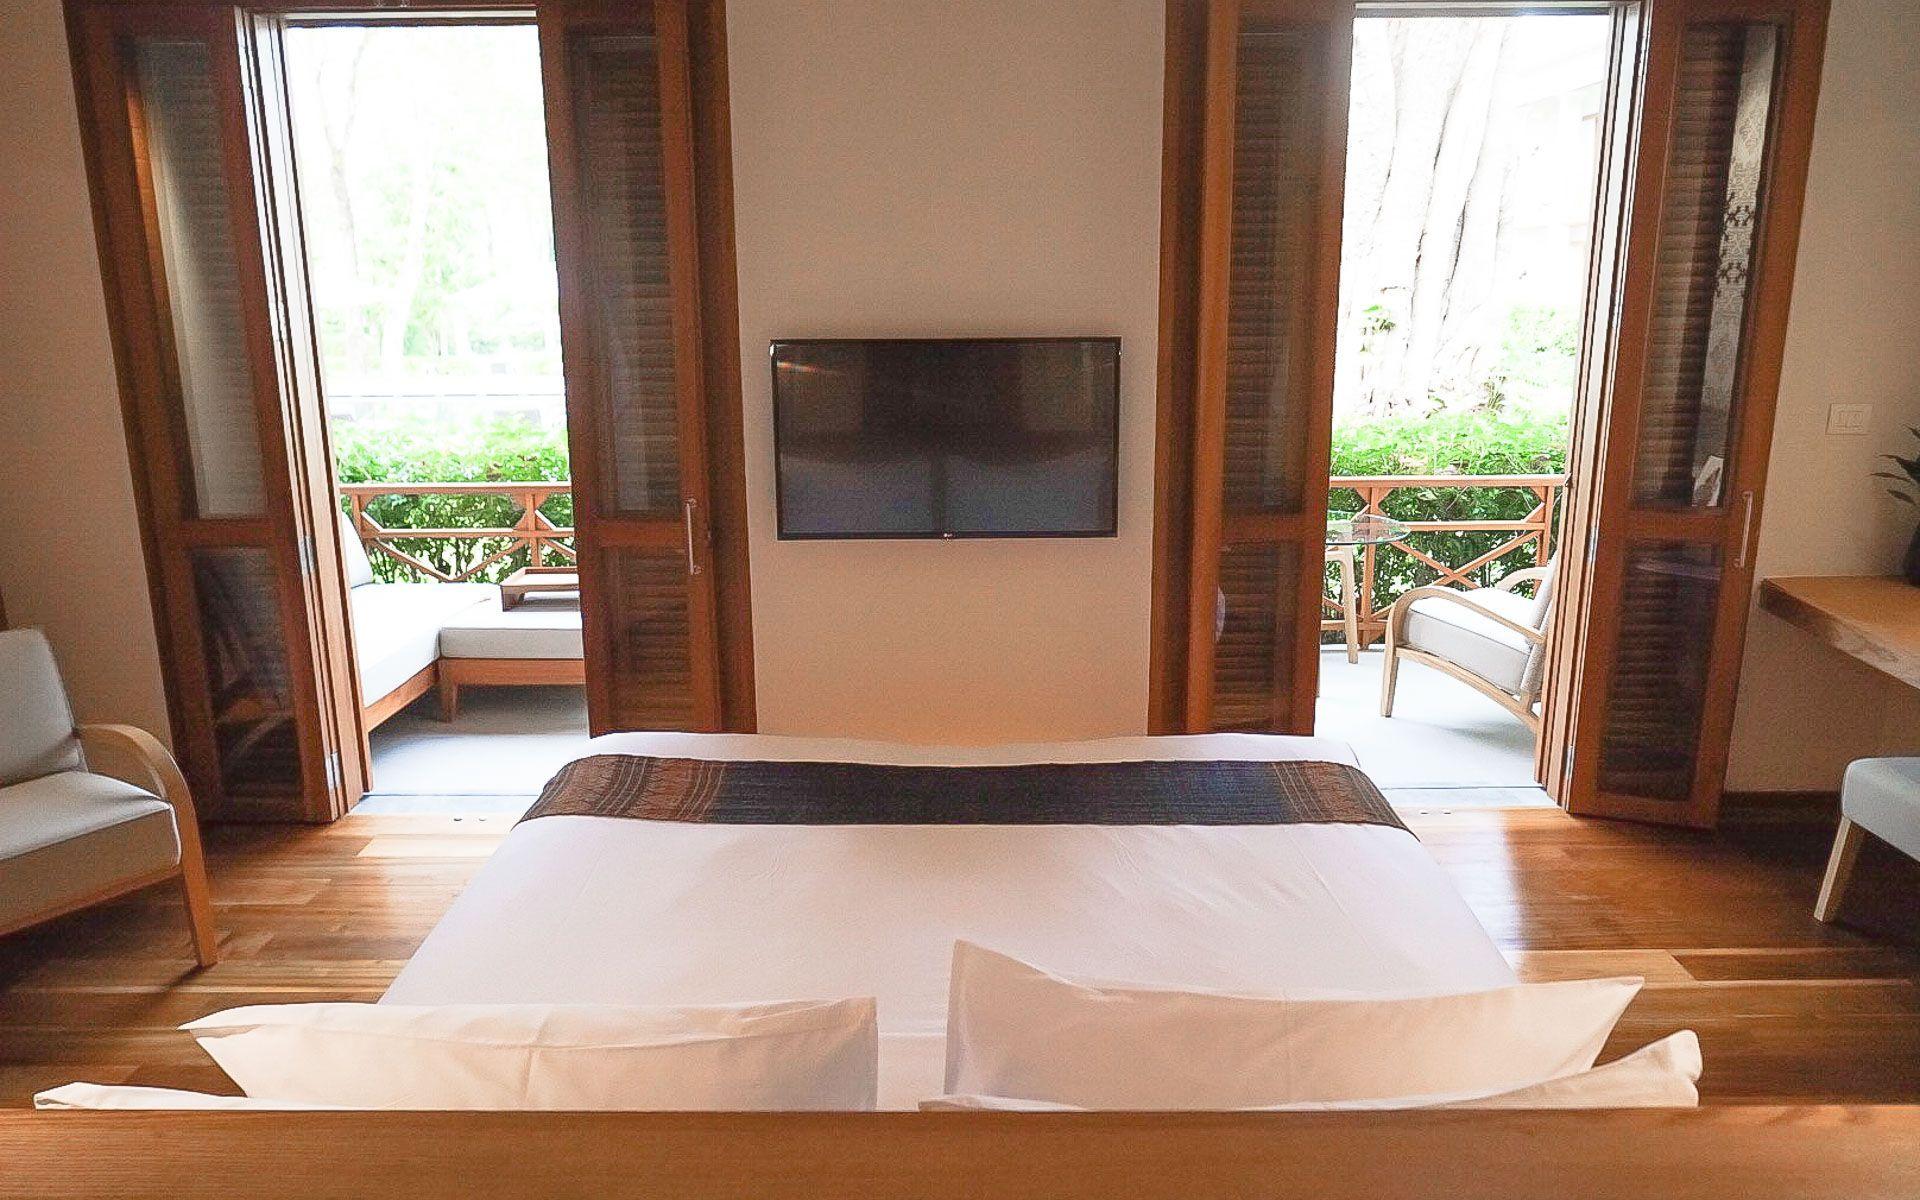 Lesvoyageuses-voyager-au-laos-luang-prabang-avani-hotel-8